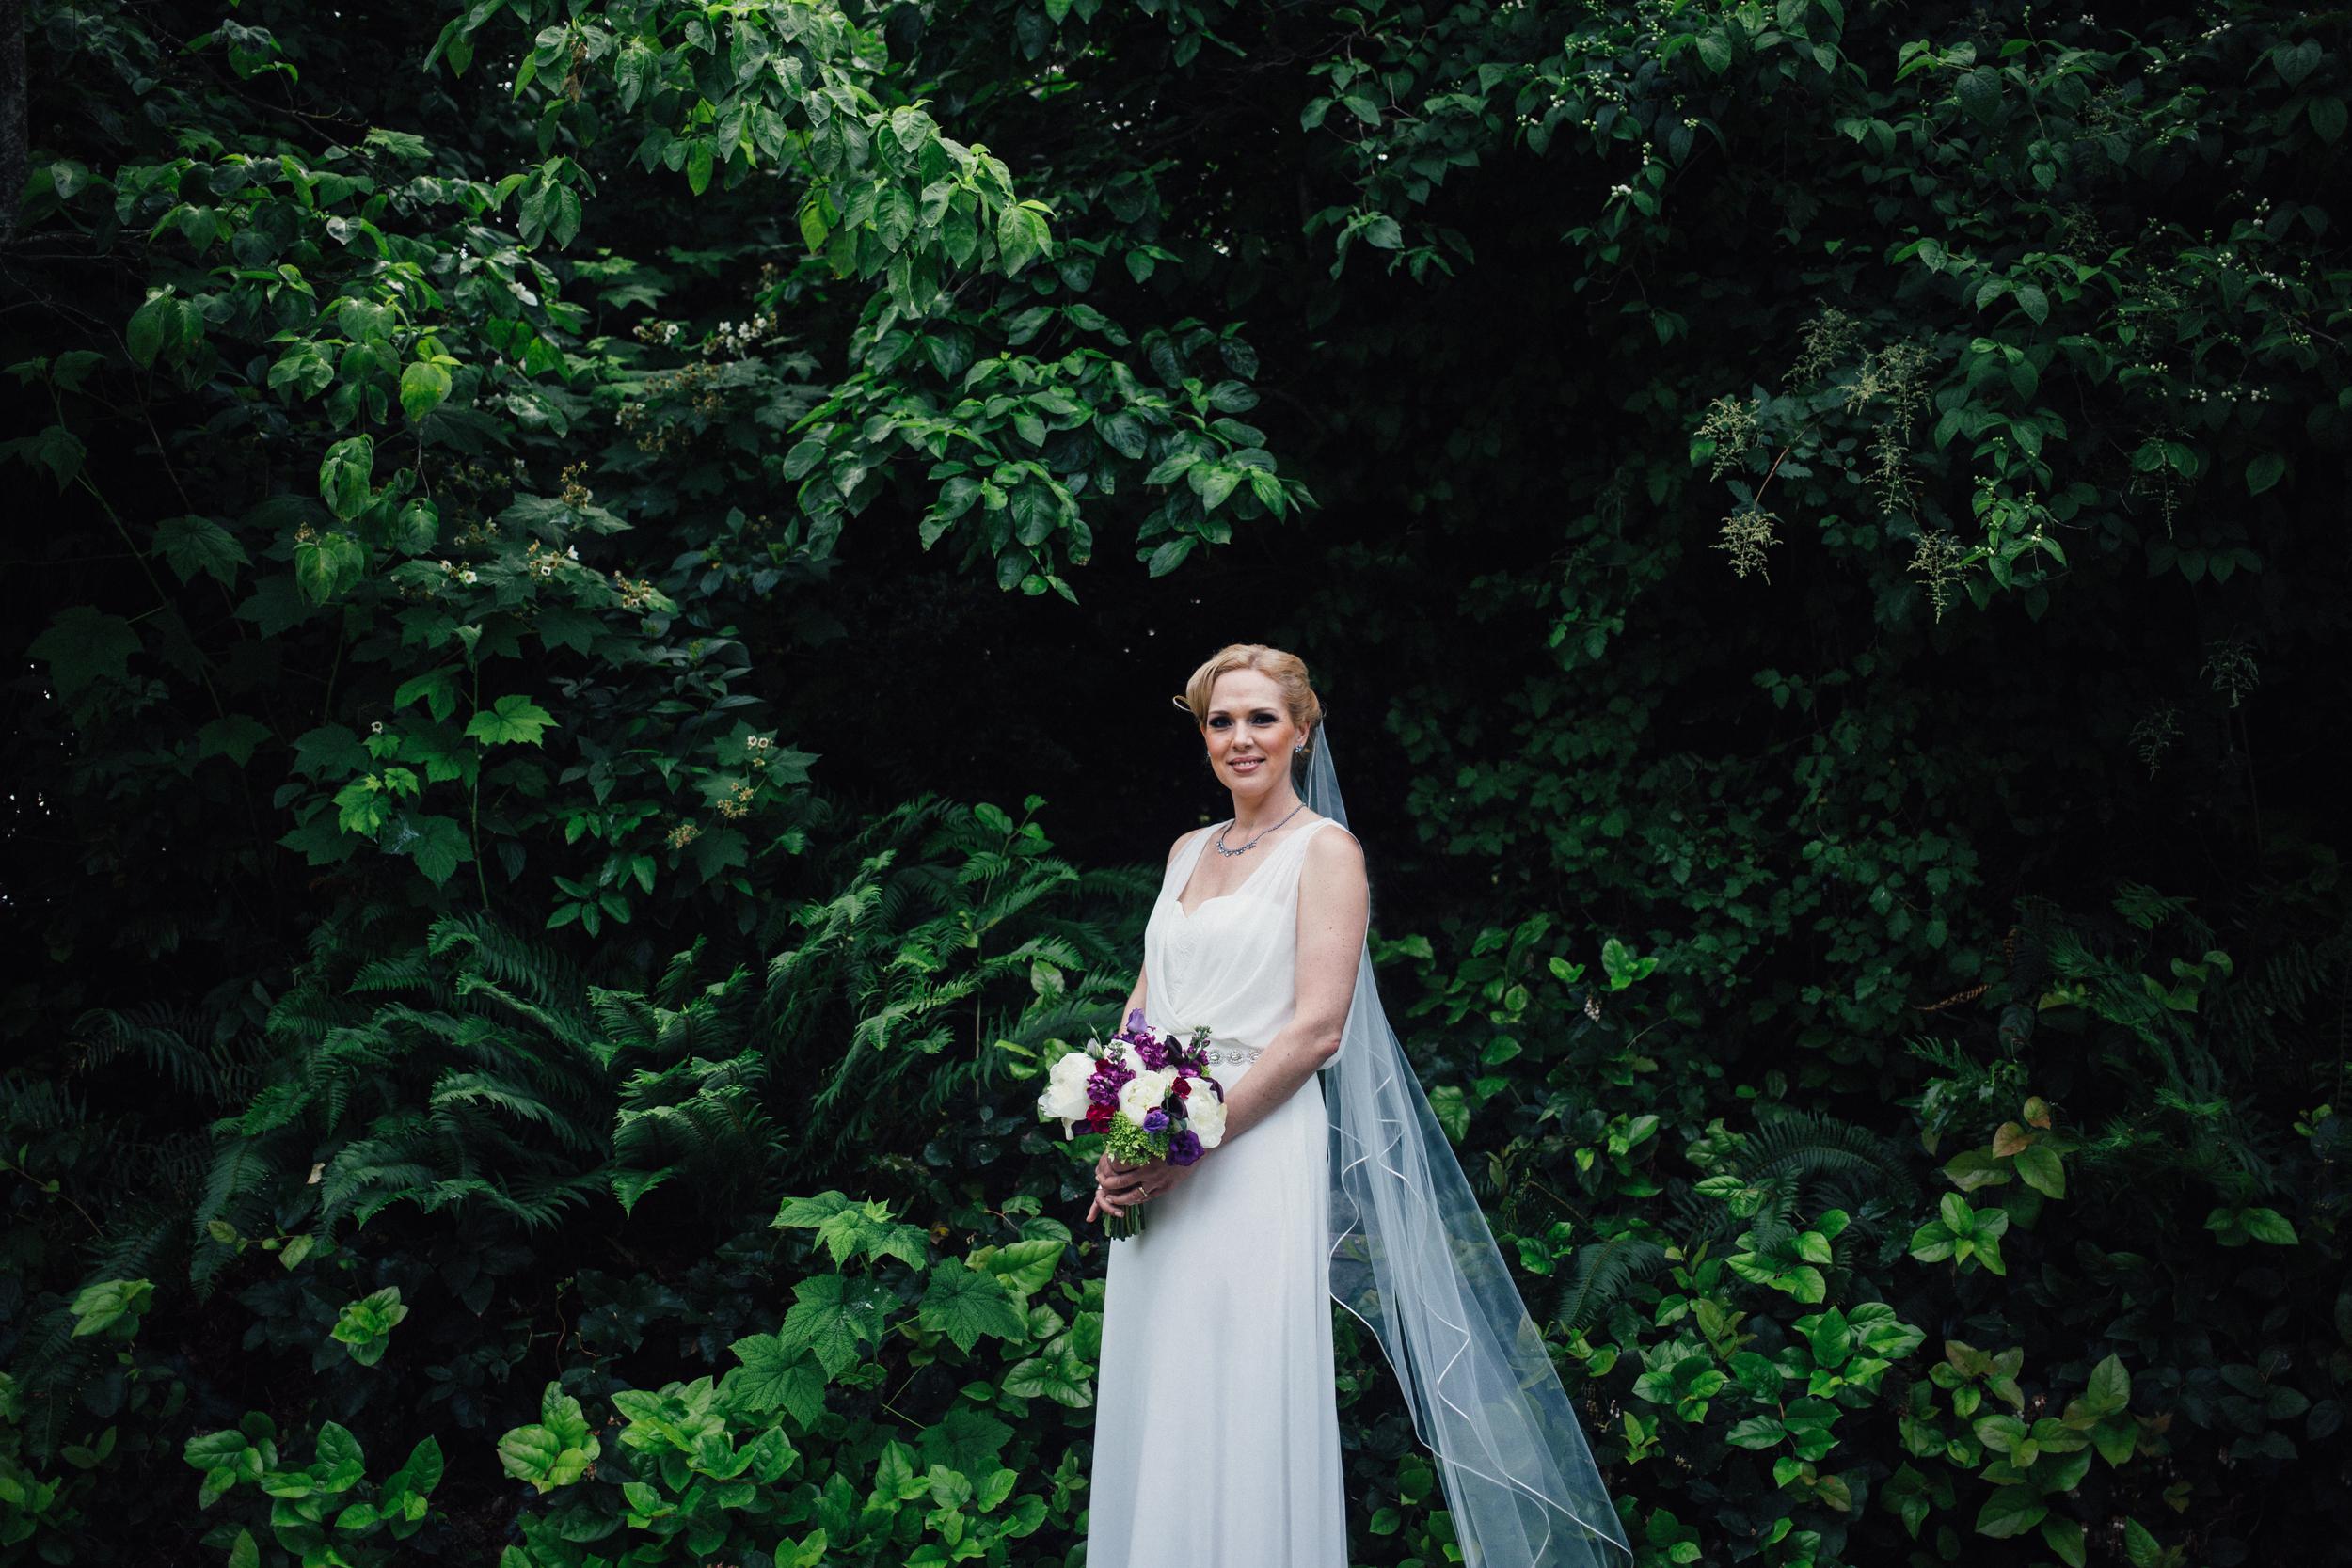 dogwoodphotography_photographer_vancouver_wedding_kimberley (99 of 180).jpg